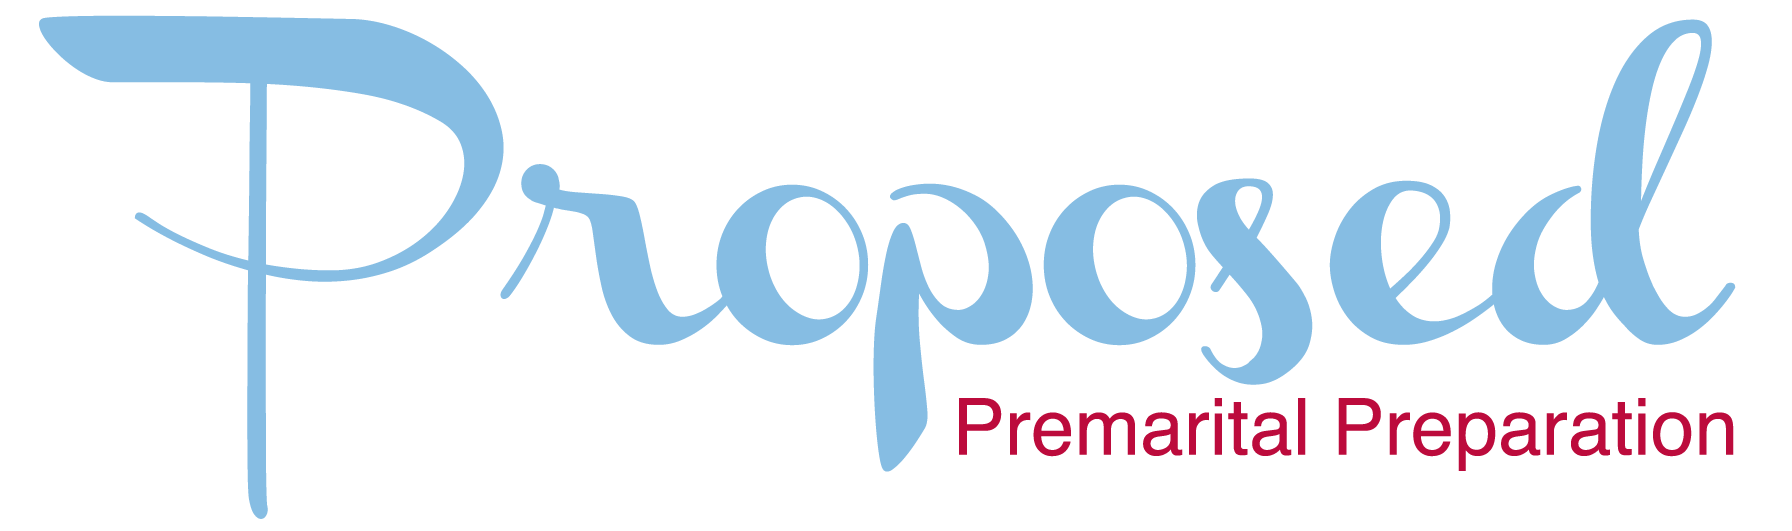 Proposed-Premarital-Logo